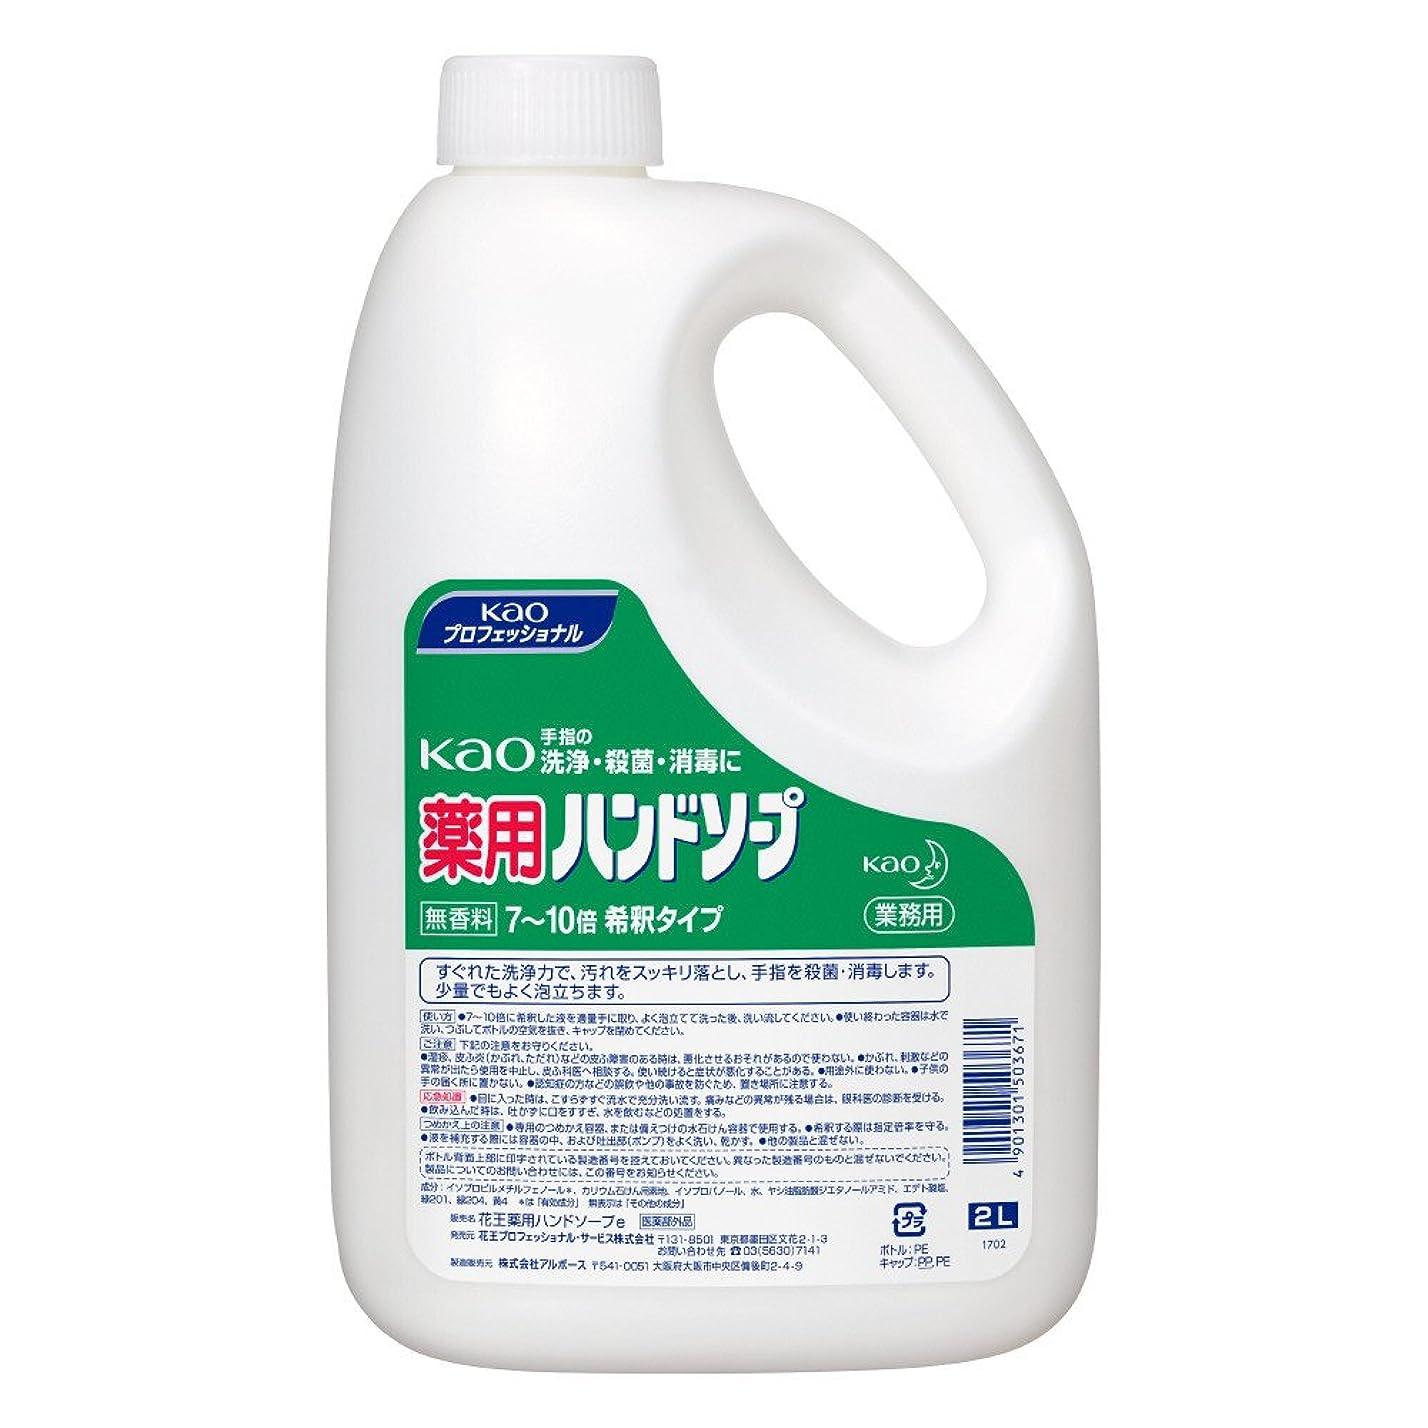 議題研究ソーダ水【業務用 ハンドソープ】Kao 薬用 ハンドソープ 2L(花王プロフェッショナルシリーズ)